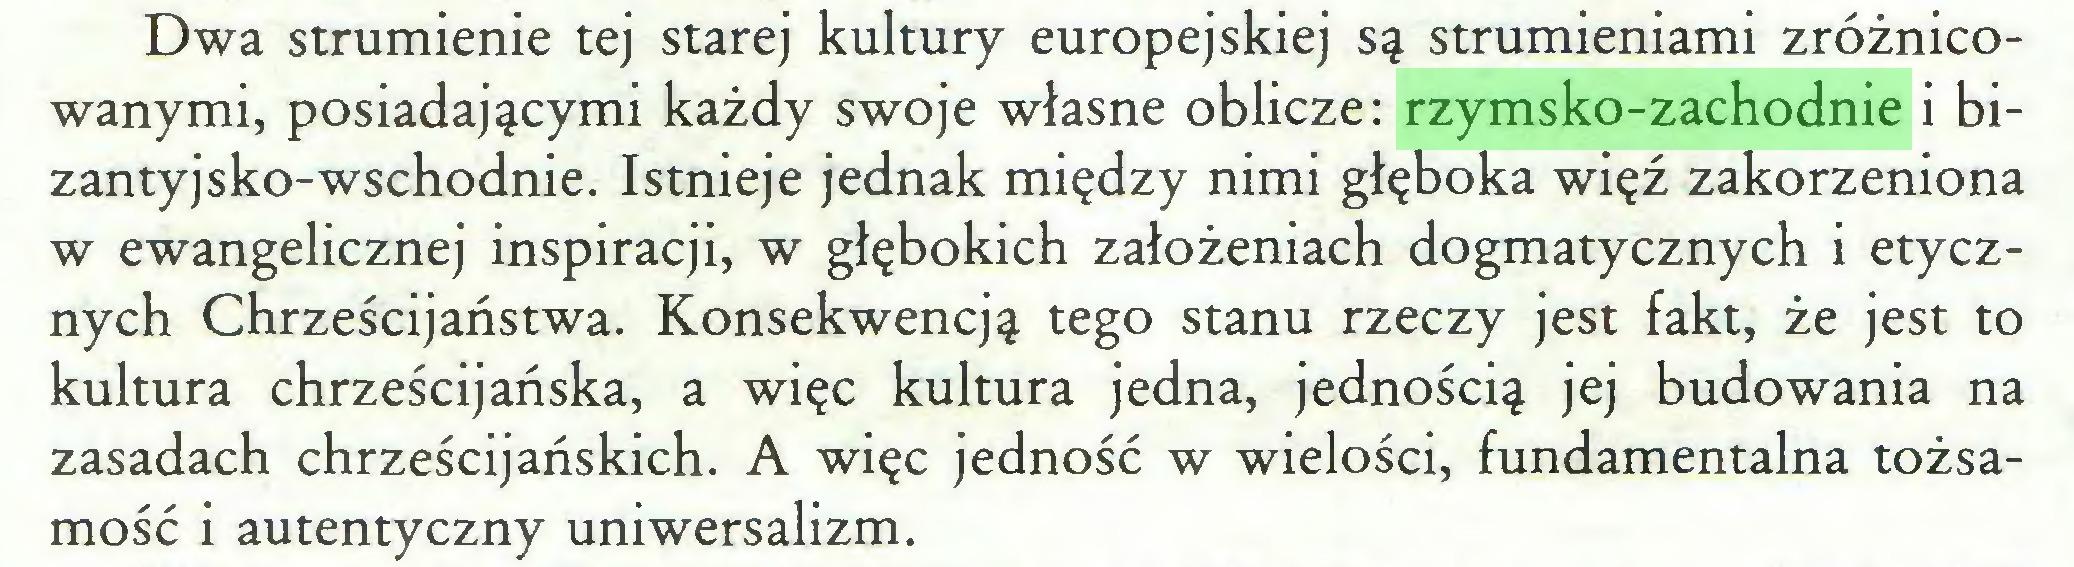 (...) Dwa strumienie tej starej kultury europejskiej są strumieniami zróżnicowanymi, posiadającymi każdy swoje własne oblicze: rzymsko-zachodnie i bizantyjsko-wschodnie. Istnieje jednak między nimi głęboka więź zakorzeniona w ewangelicznej inspiracji, w głębokich założeniach dogmatycznych i etycznych Chrześcijaństwa. Konsekwencją tego stanu rzeczy jest fakt, że jest to kultura chrześcijańska, a więc kultura jedna, jednością jej budowania na zasadach chrześcijańskich. A więc jedność w wielości, fundamentalna tożsamość i autentyczny uniwersalizm...